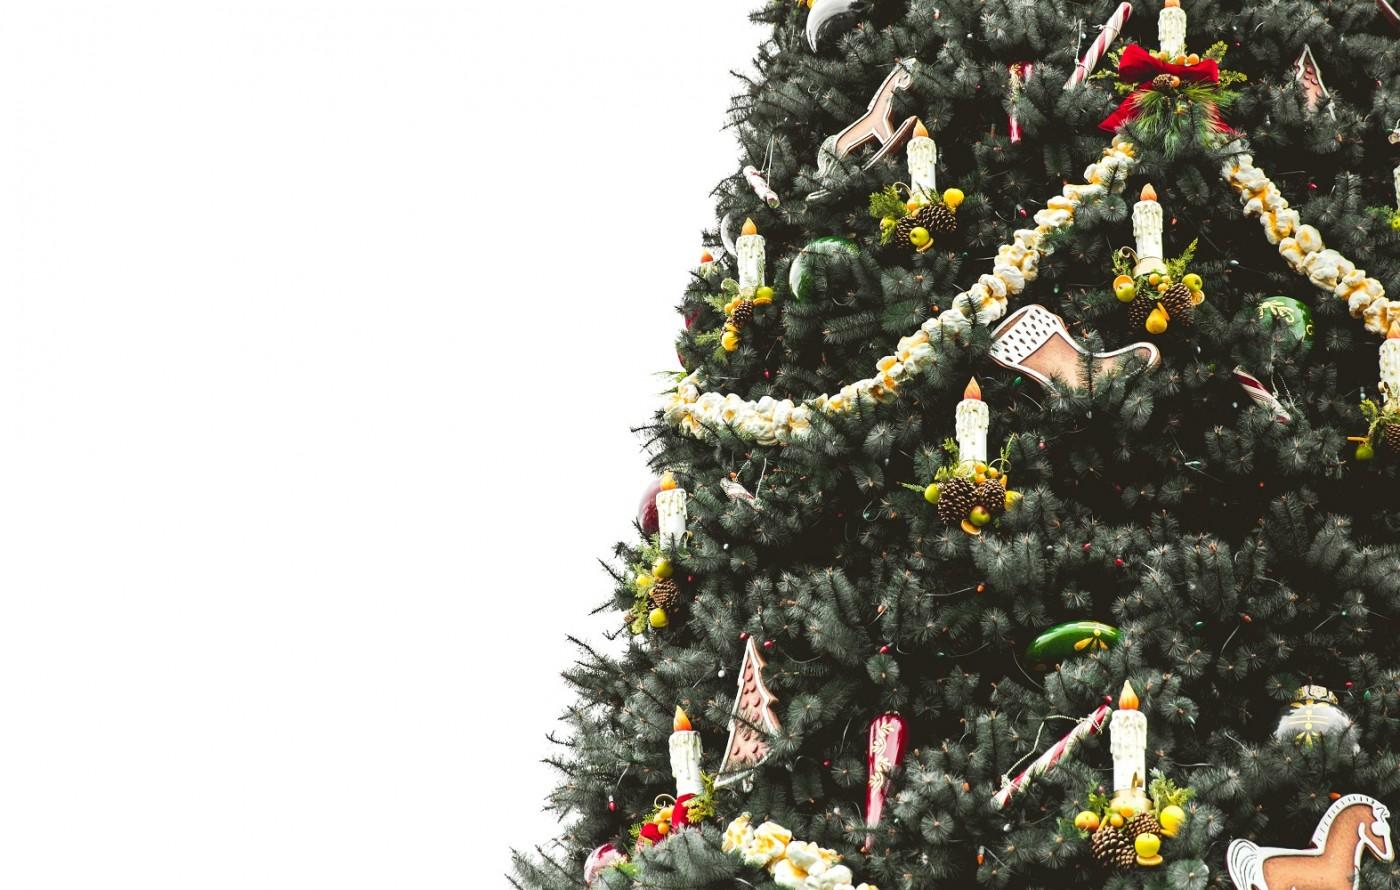 Има ли смисъл от благотворителността по Коледа